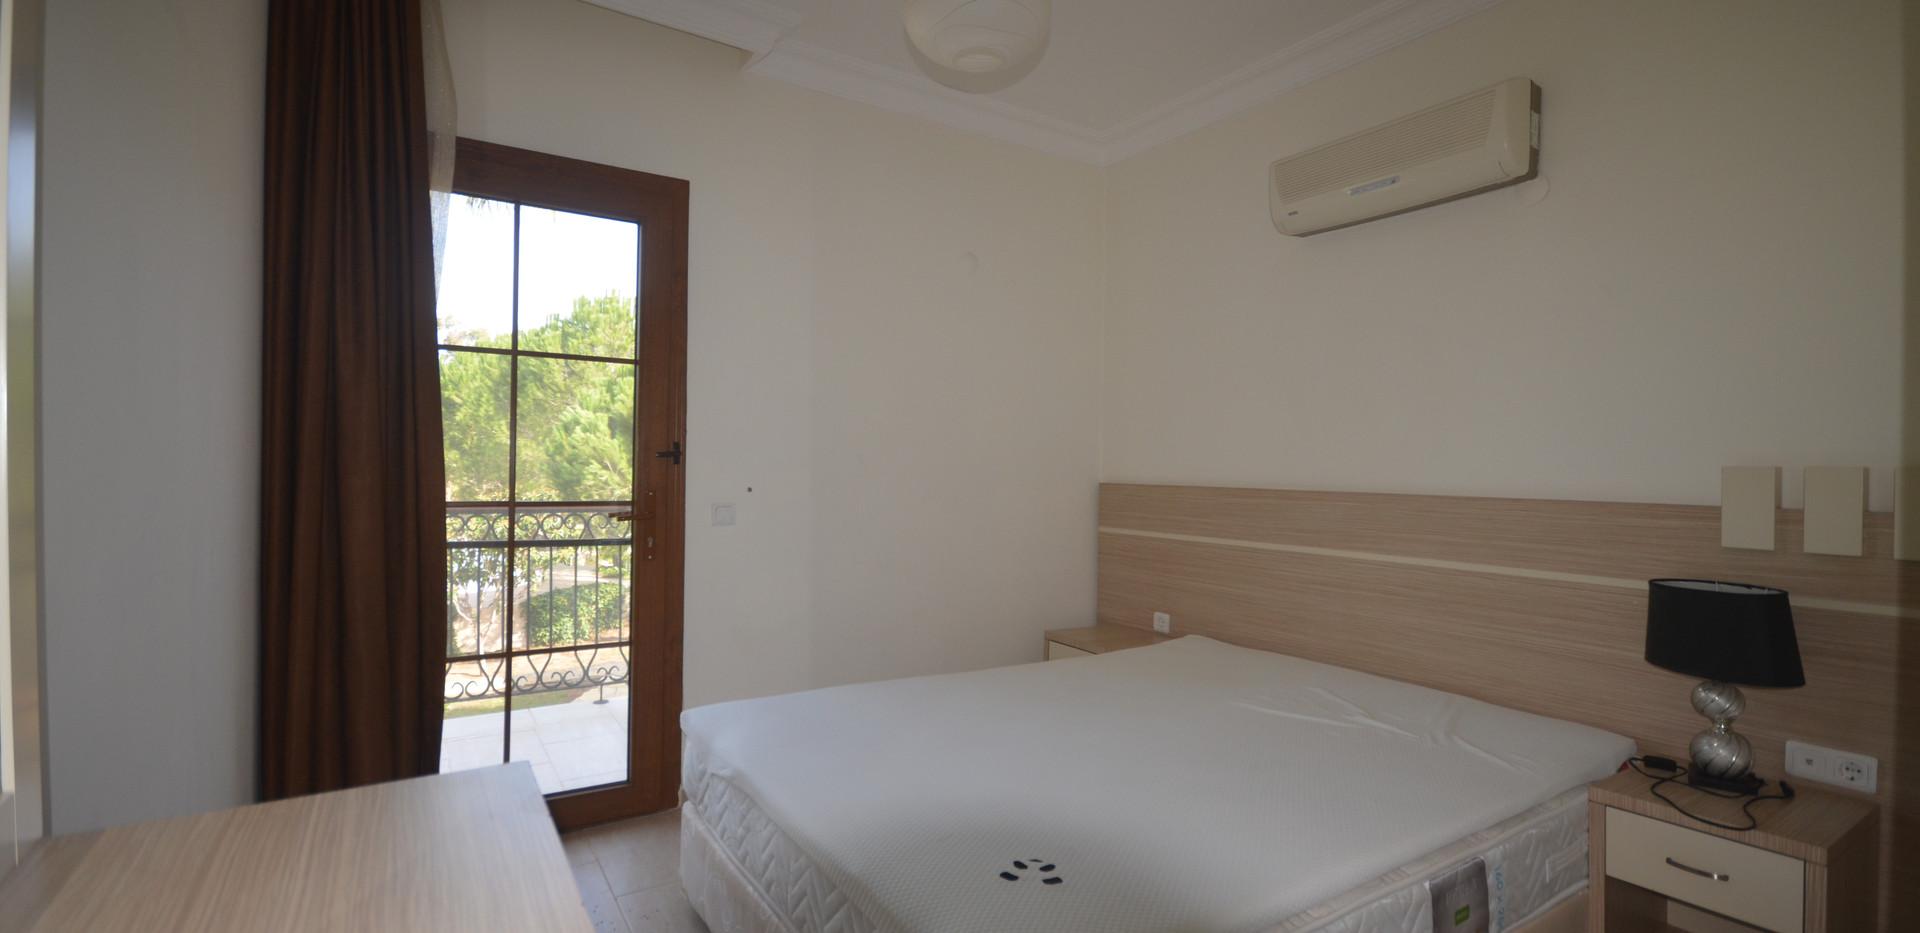 Bedroom has balcony off